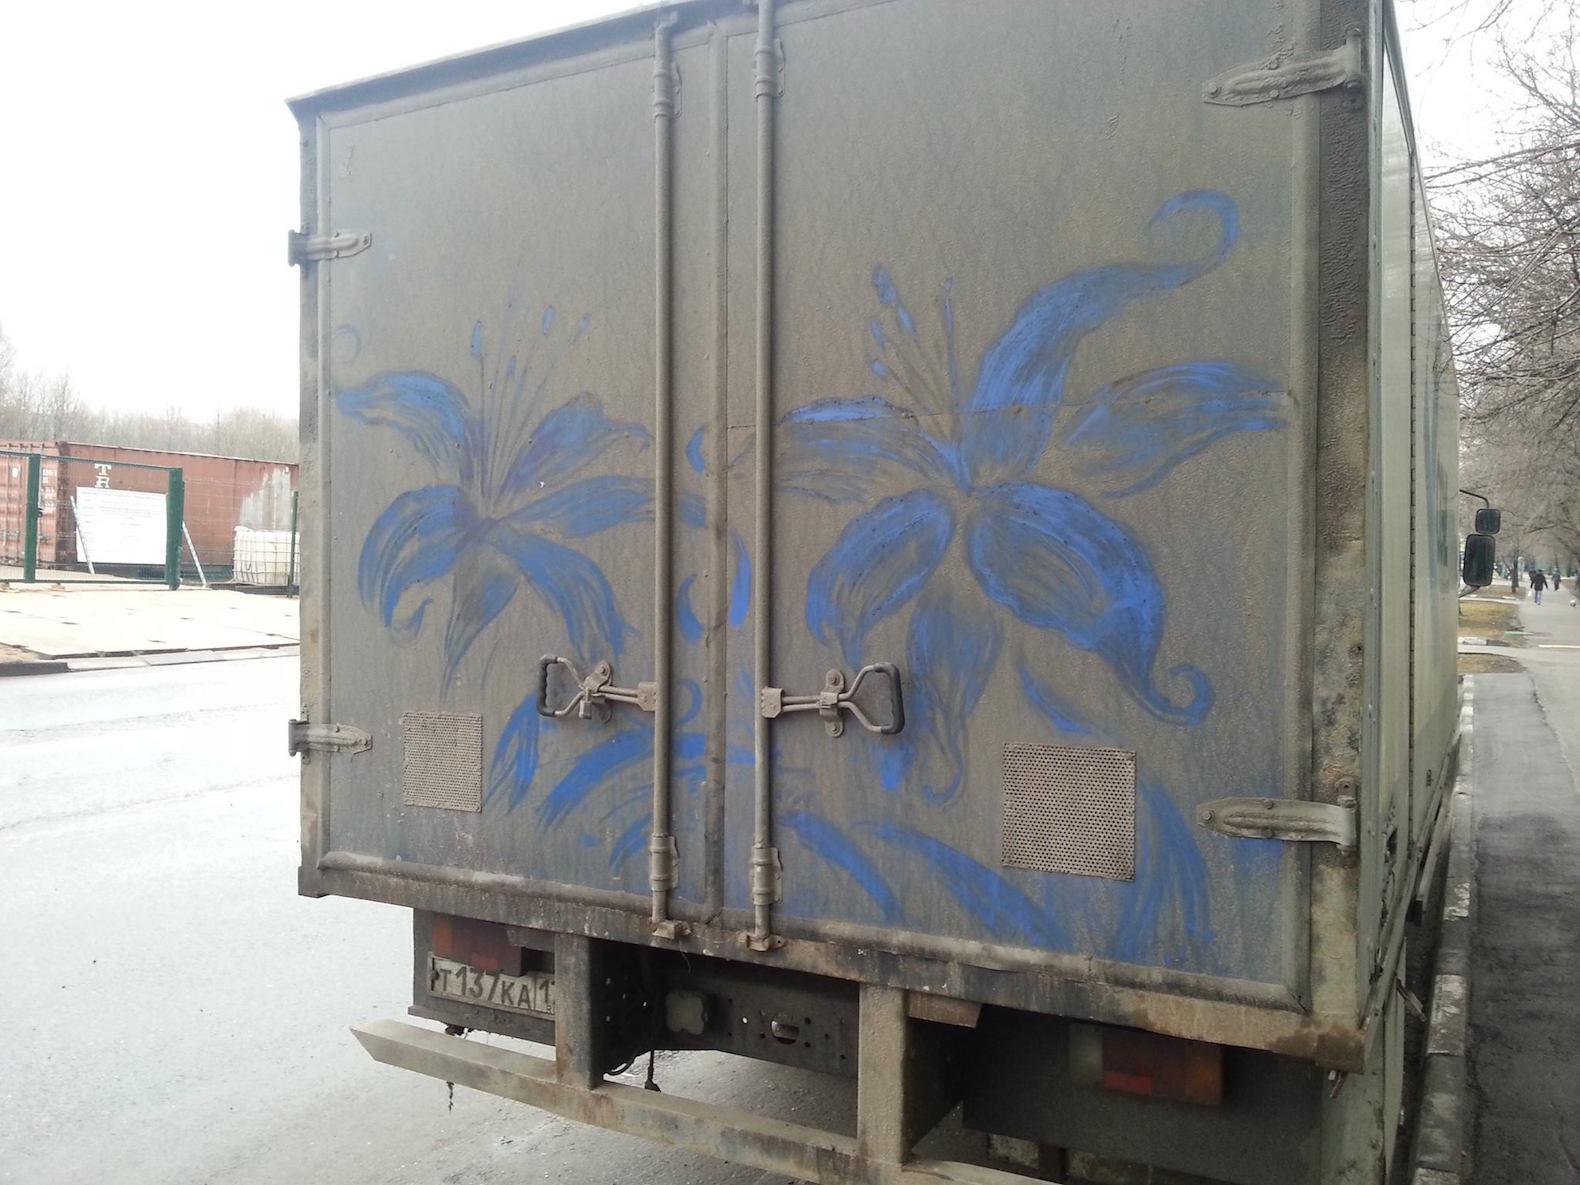 bloemen op achterkant van een vrachtwagen